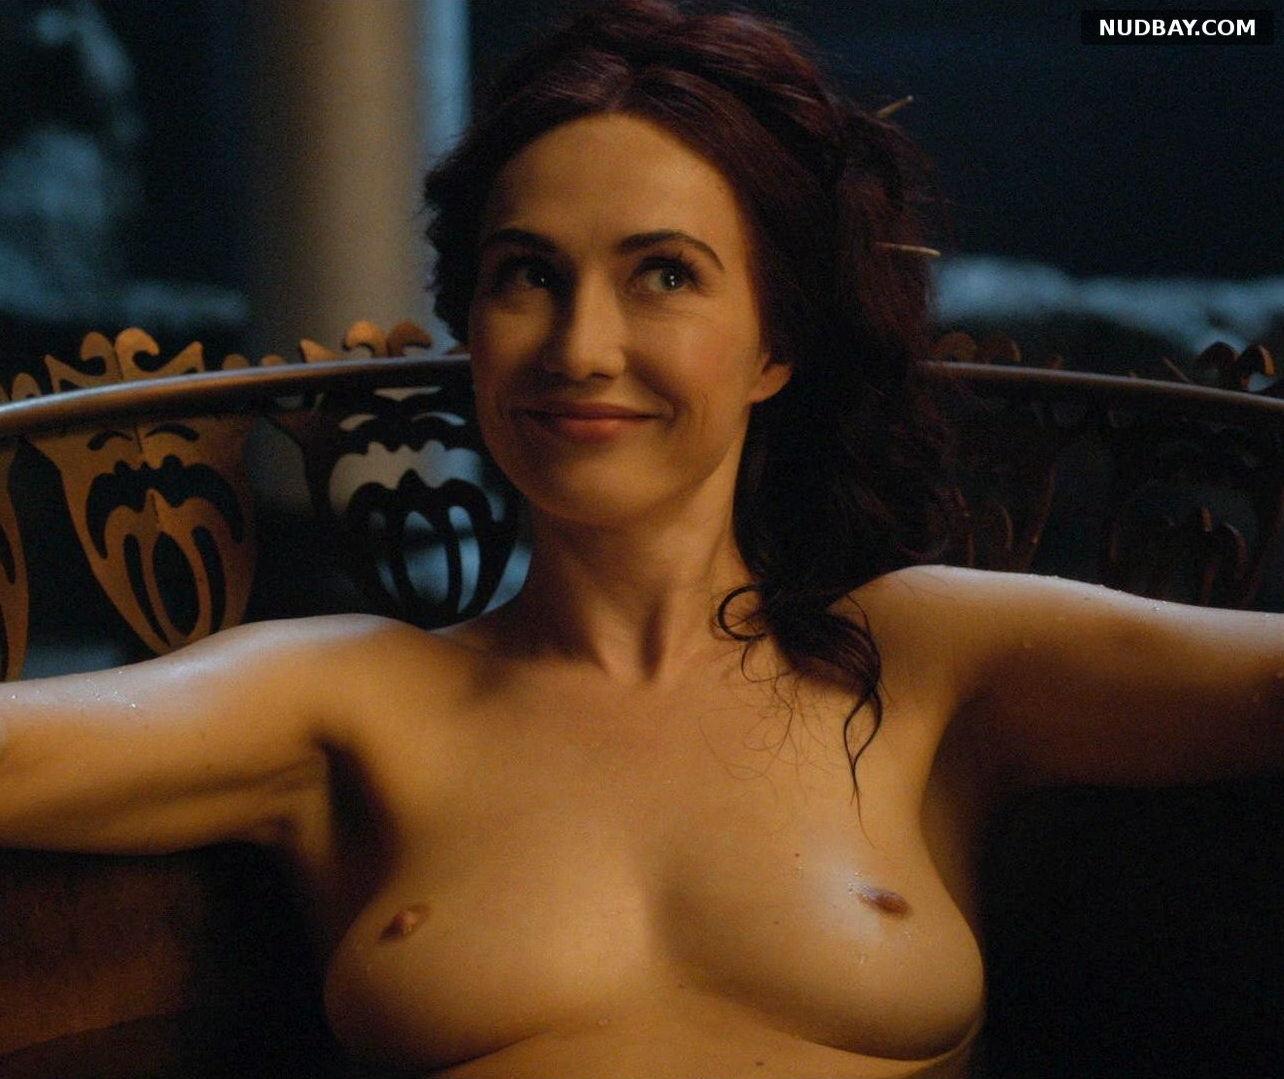 Carice van Houten Tits Game of Thrones S04E07